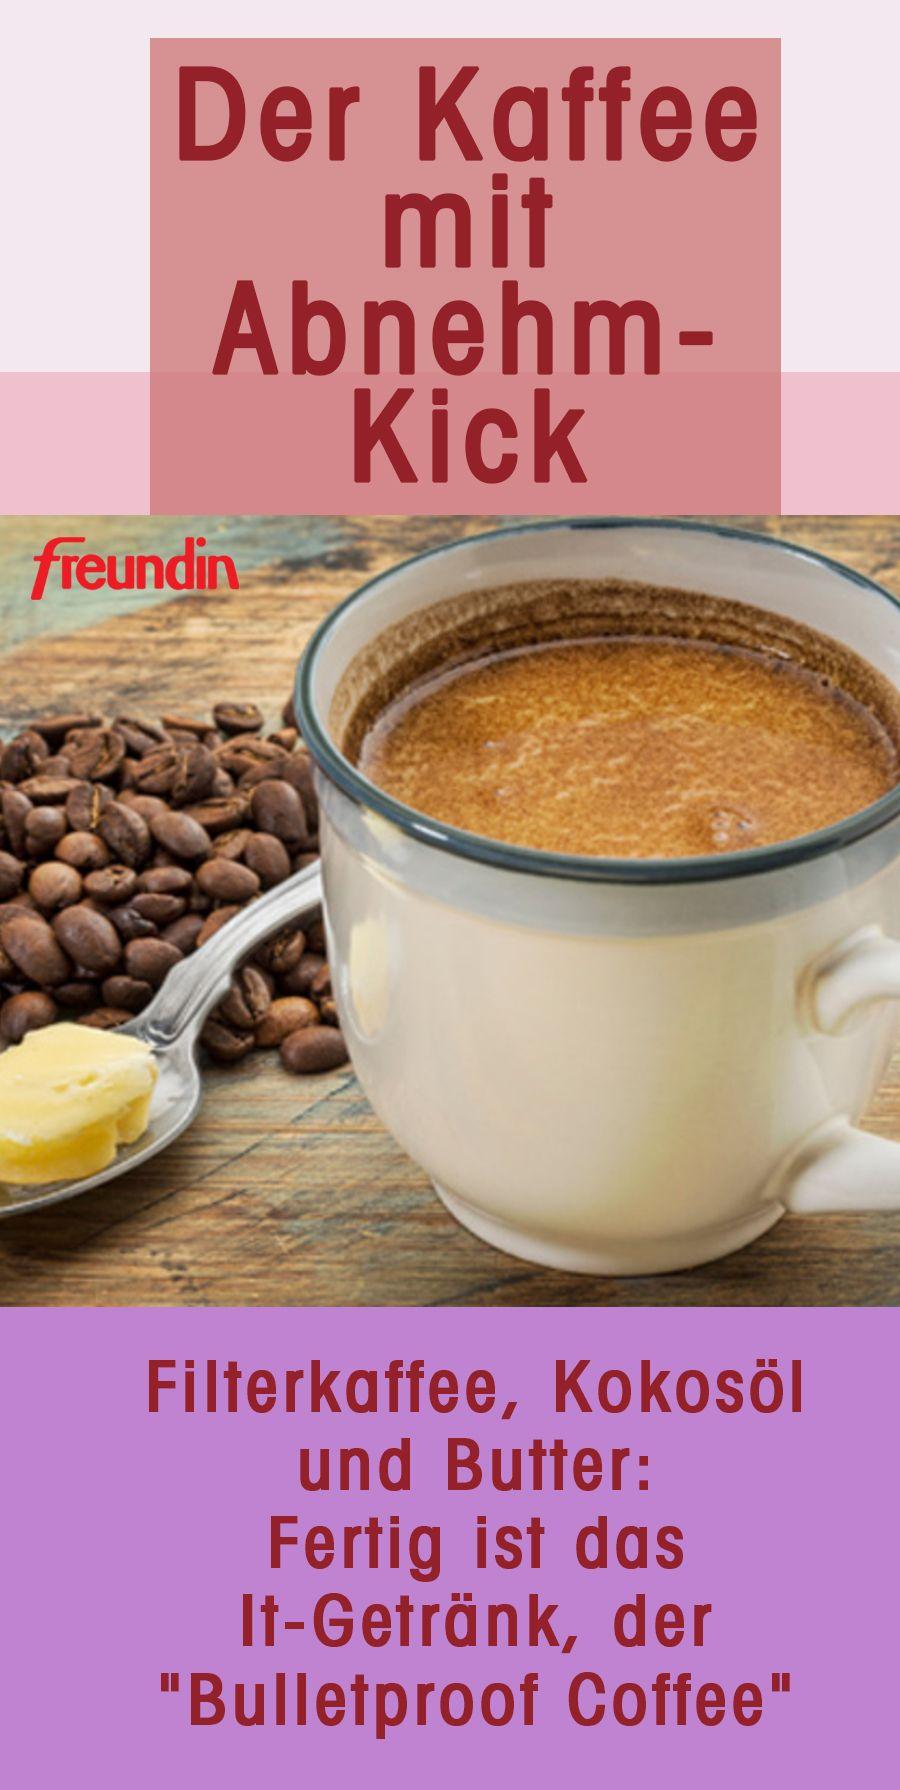 Hilft Kaffee Beim Abnehmen